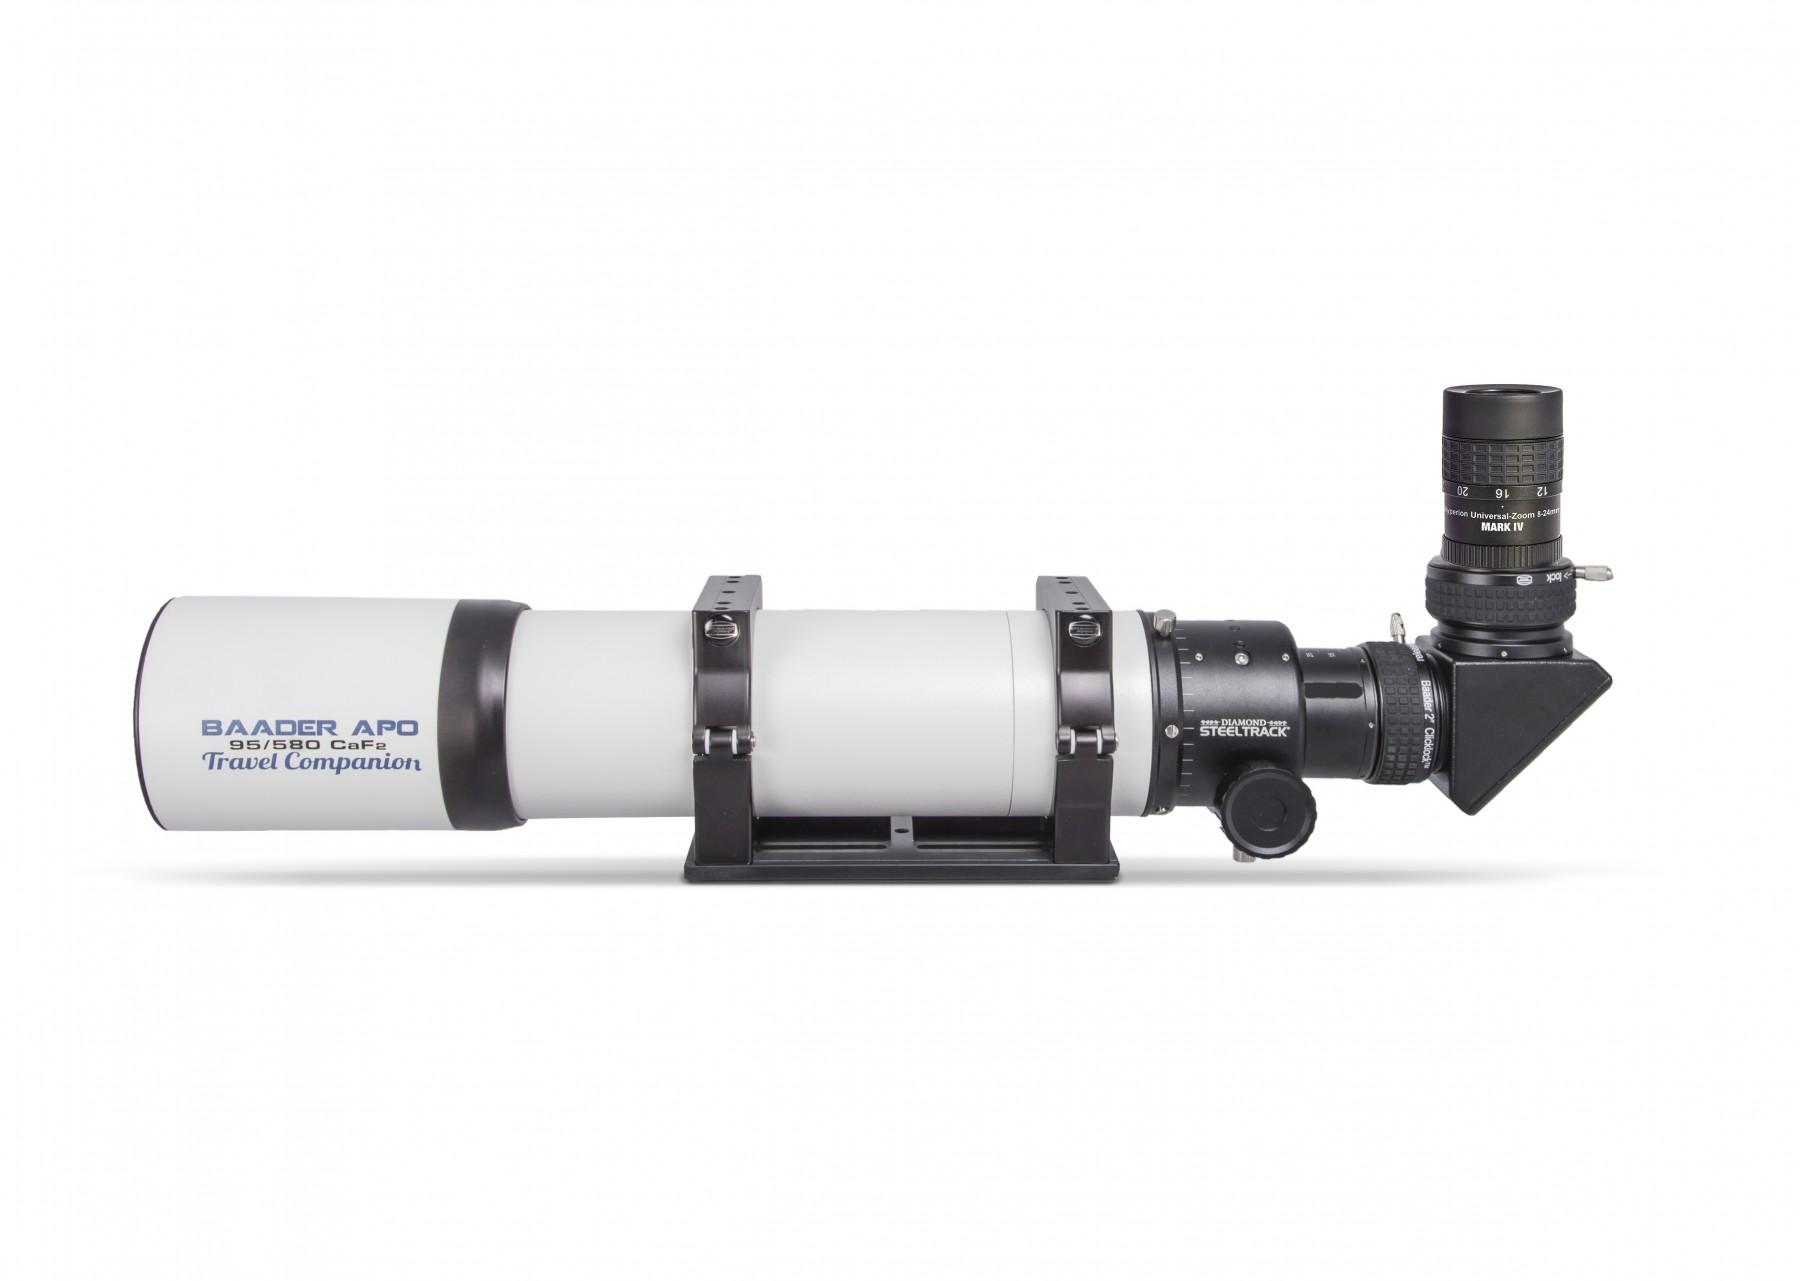 Anwendungsbild: Baader APO mit S58 ClickLock, BBHS Zenitspiegel und Hyperion Universal Zoom Mark IV Okular